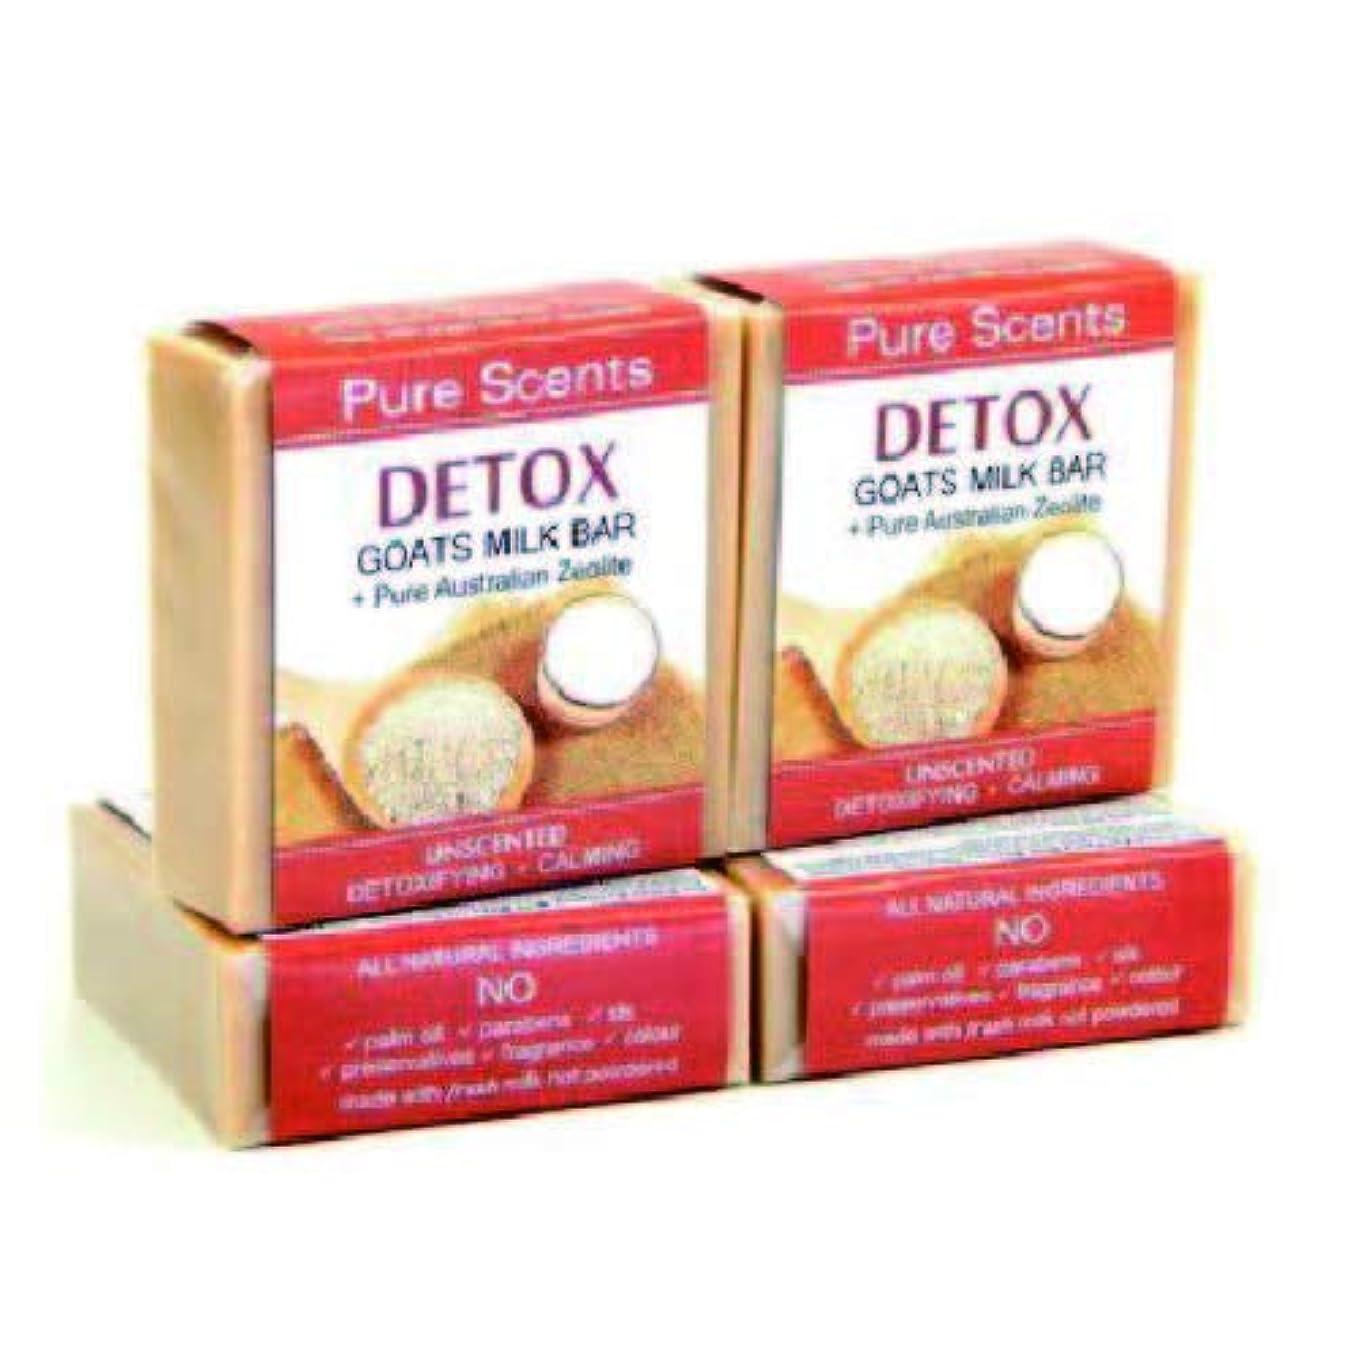 ソート統合区別する[Pure Scents] デトックス ゴートミルク 石鹸 無添加 ゼオライト (GOATS MILK BAR Zeolite Clay Soap) 110gx4個セット [海外直送品]